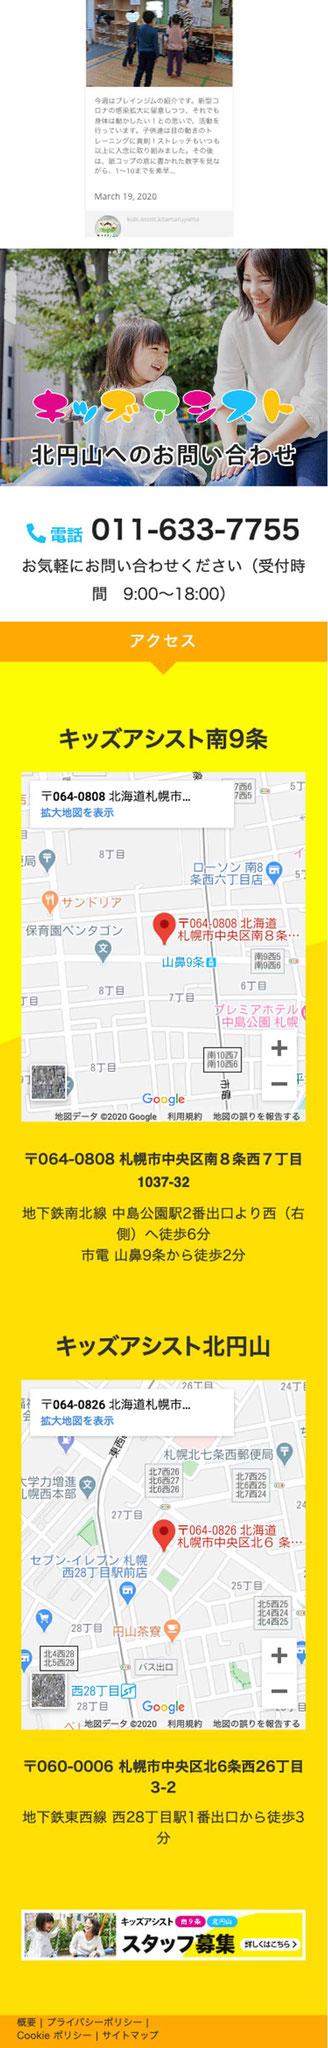 「キッズアシスト北円山」ページのモバイル表示5